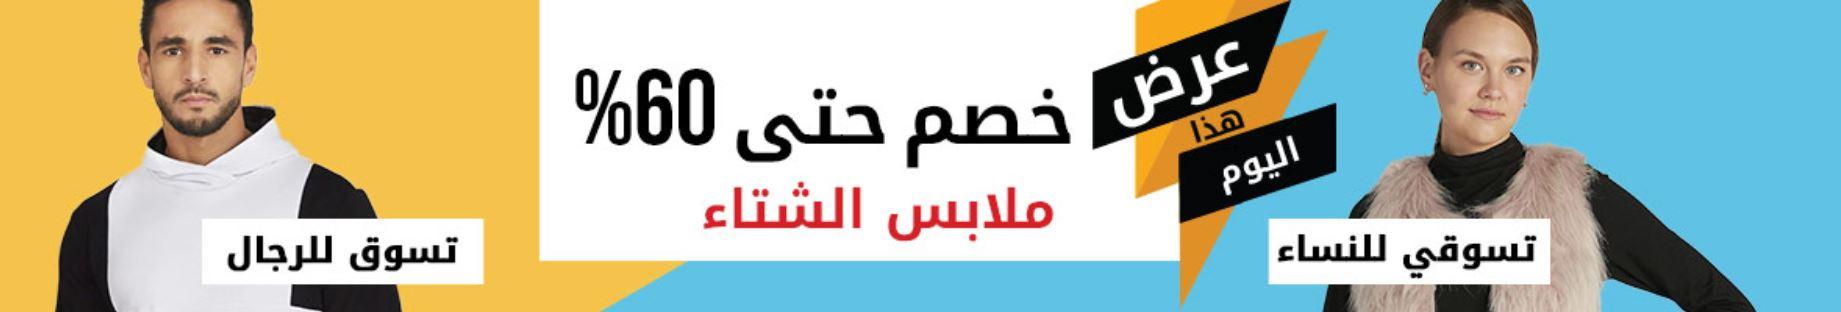 عروض الجمعه البيضاء 2019 سنتربوينت للشتاء